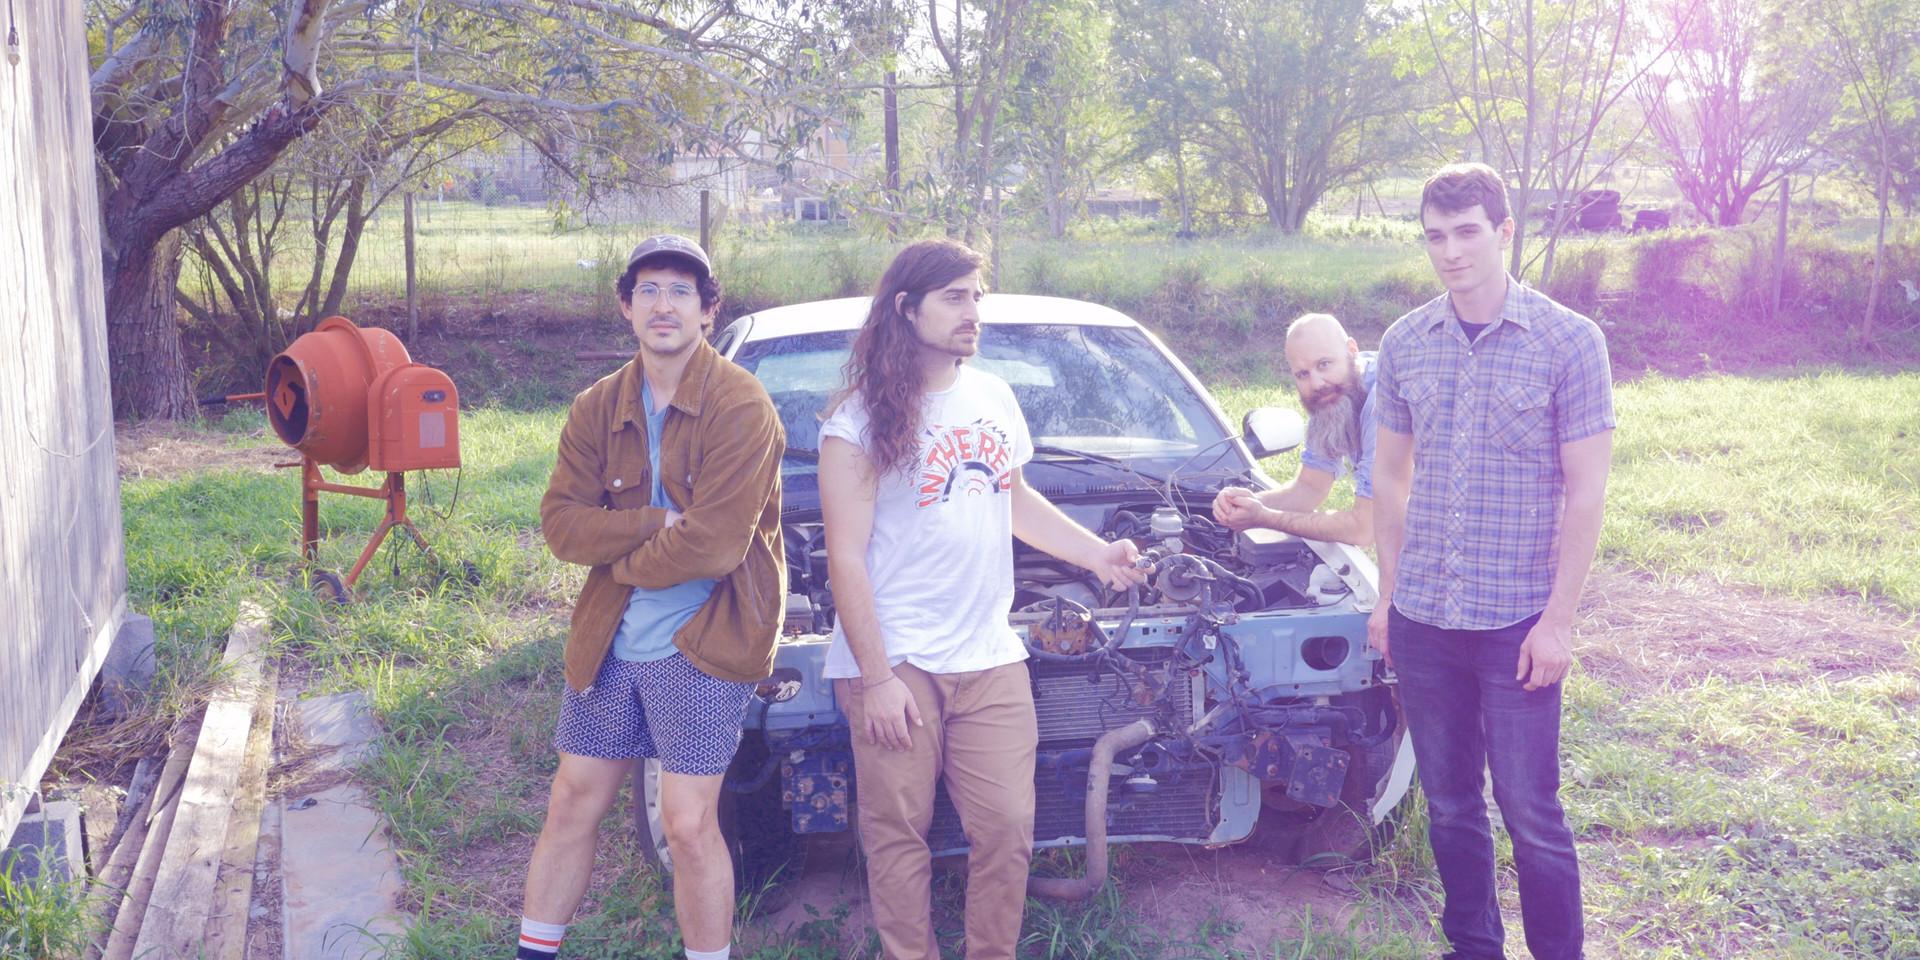 shack car futon blonde band photo 2.jpg